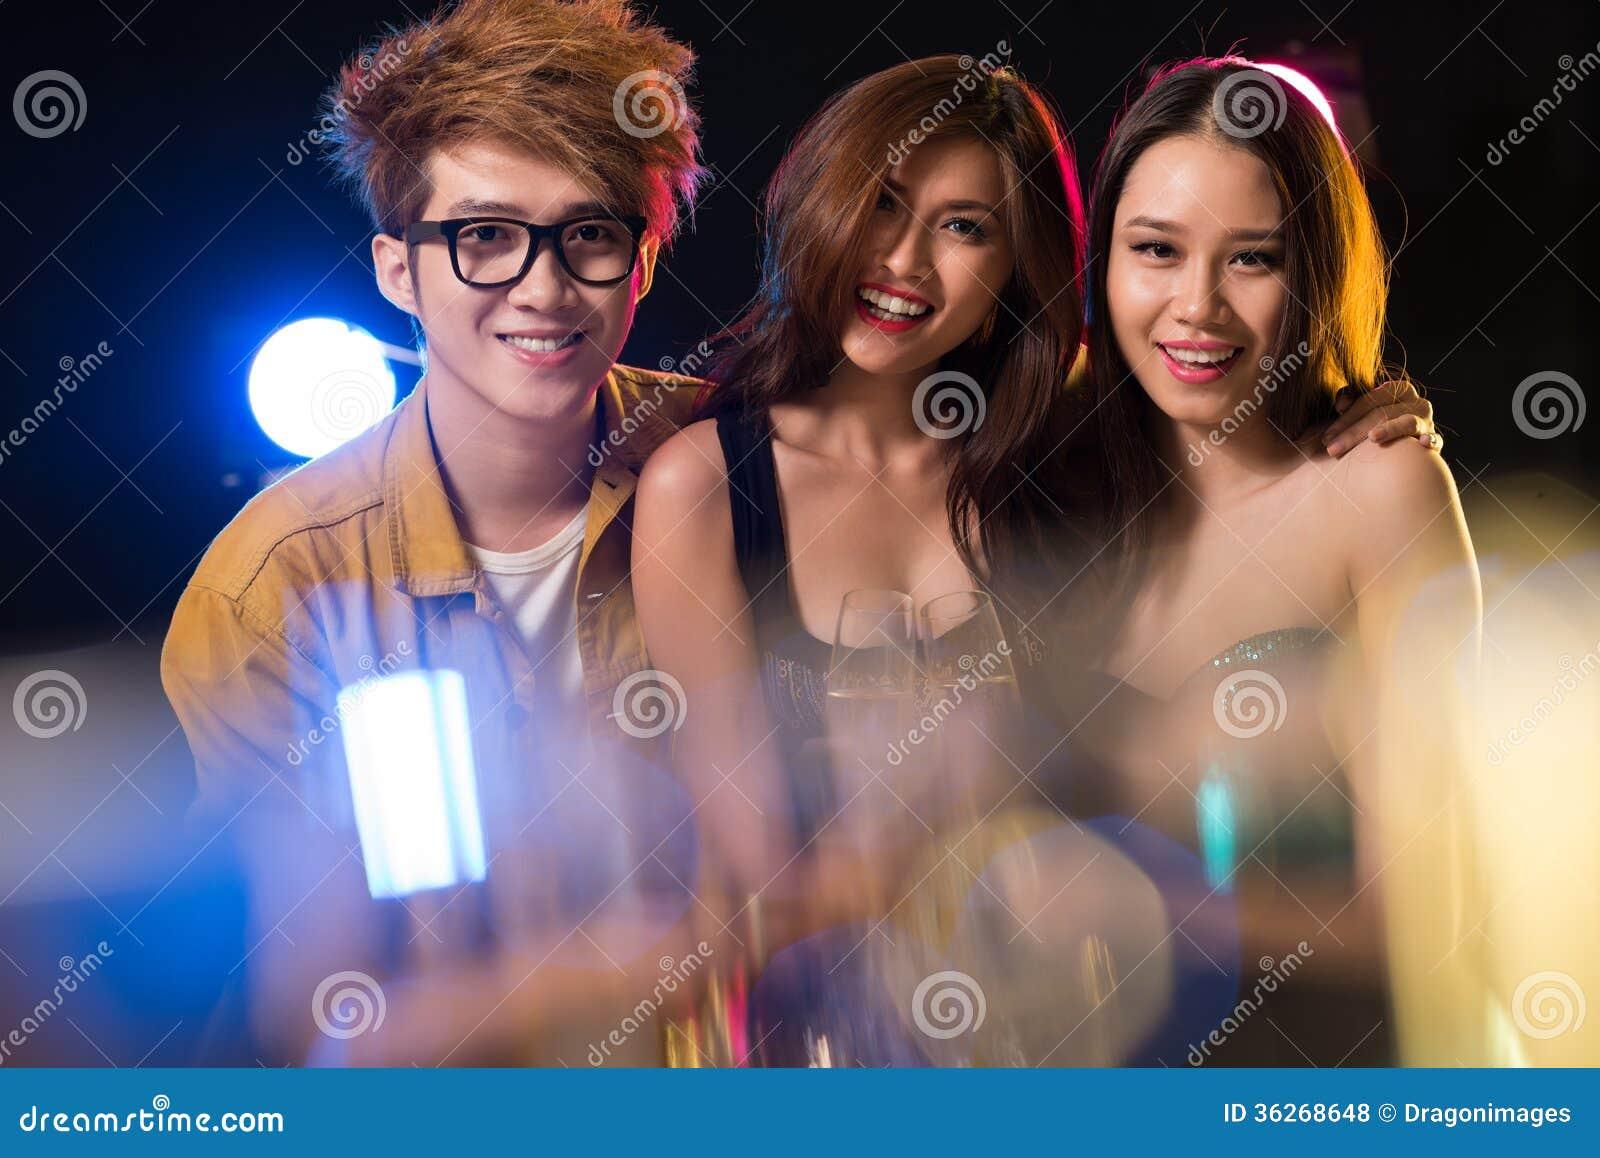 В ночном клубе малолетки ночные клубы города дзержинска